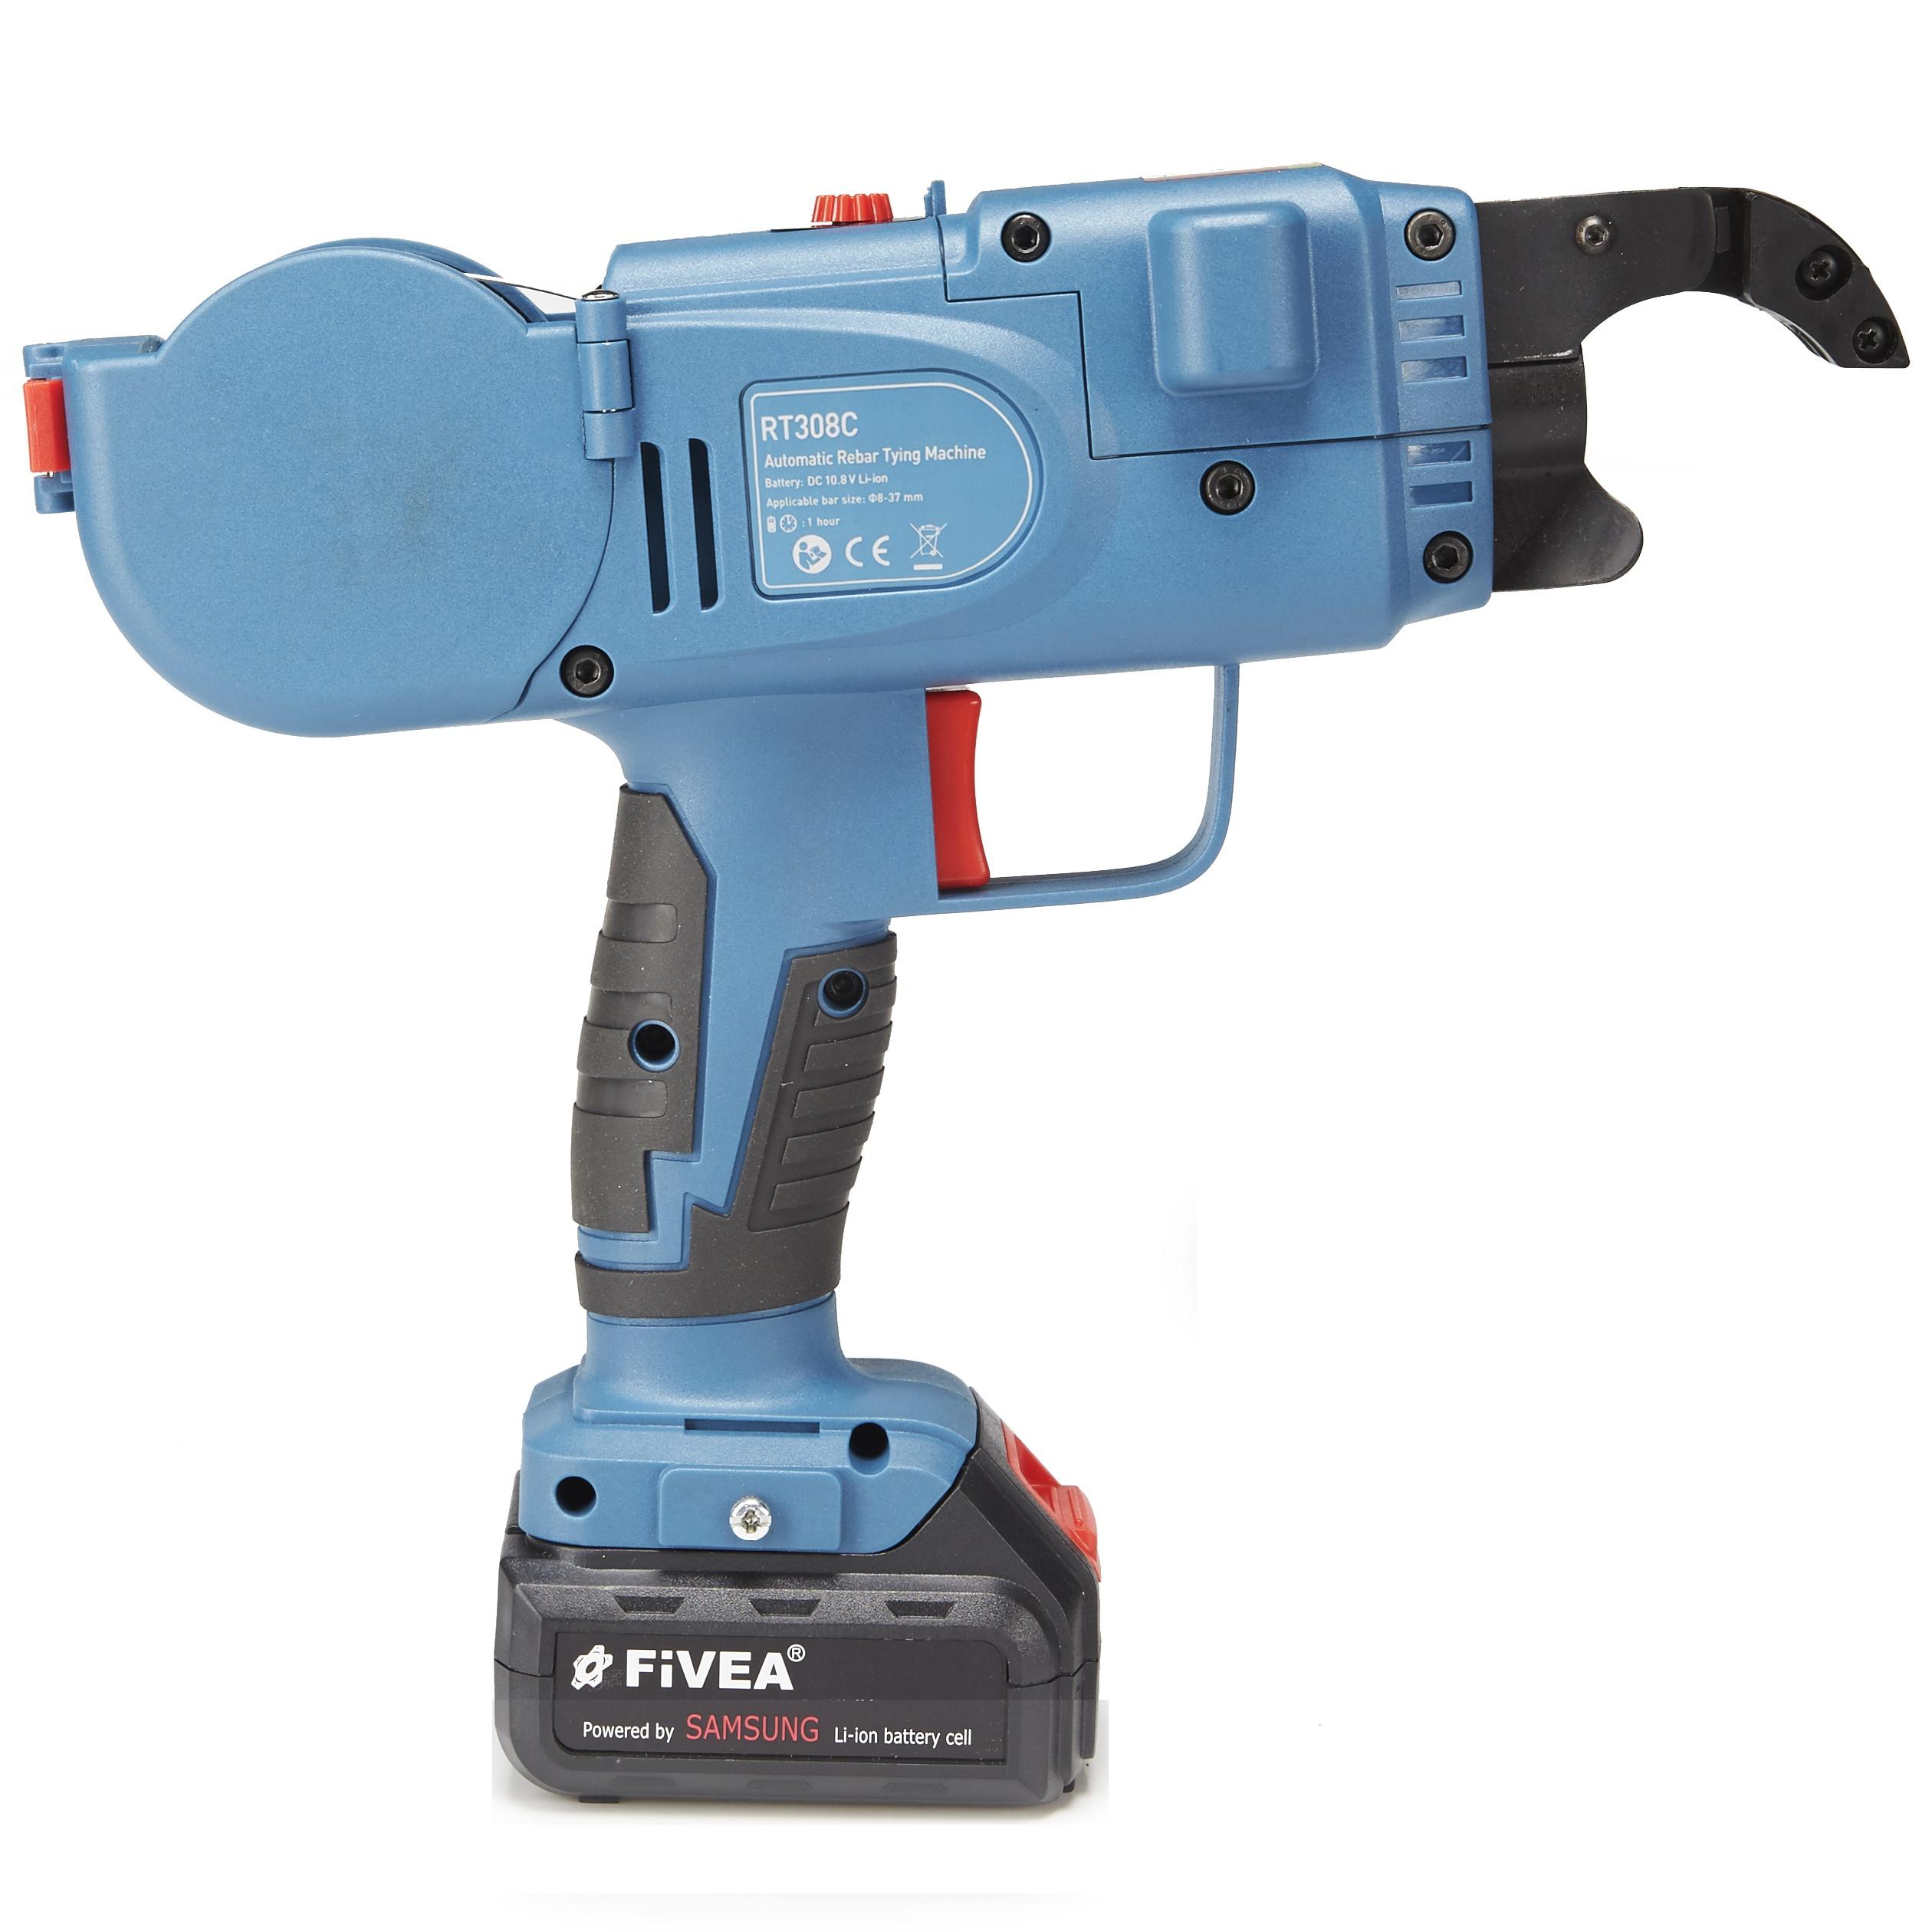 Vlechtmachine Fivea rt308c-standaard-2-ah-r